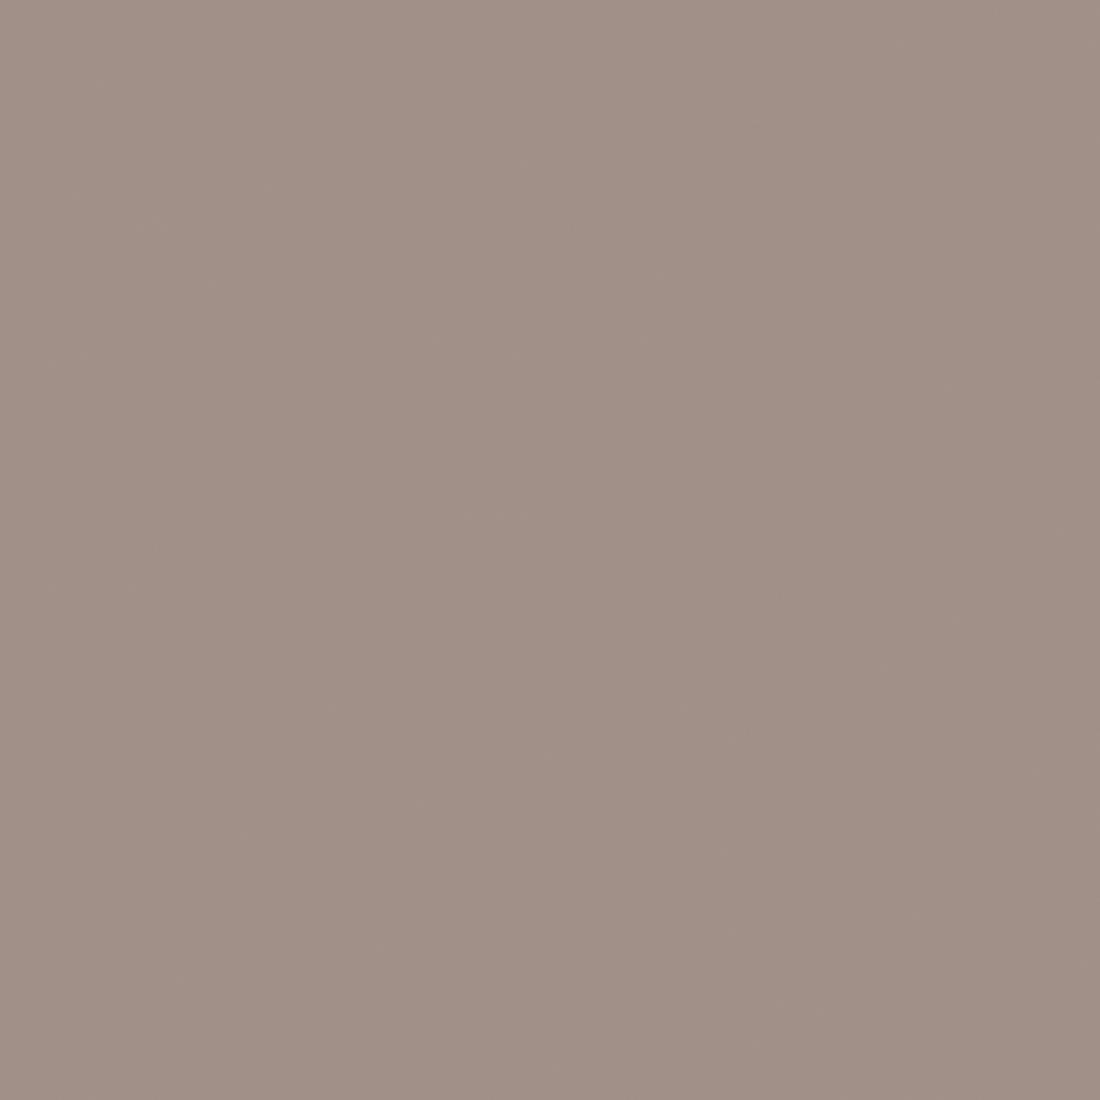 K096SU - Clay Grey